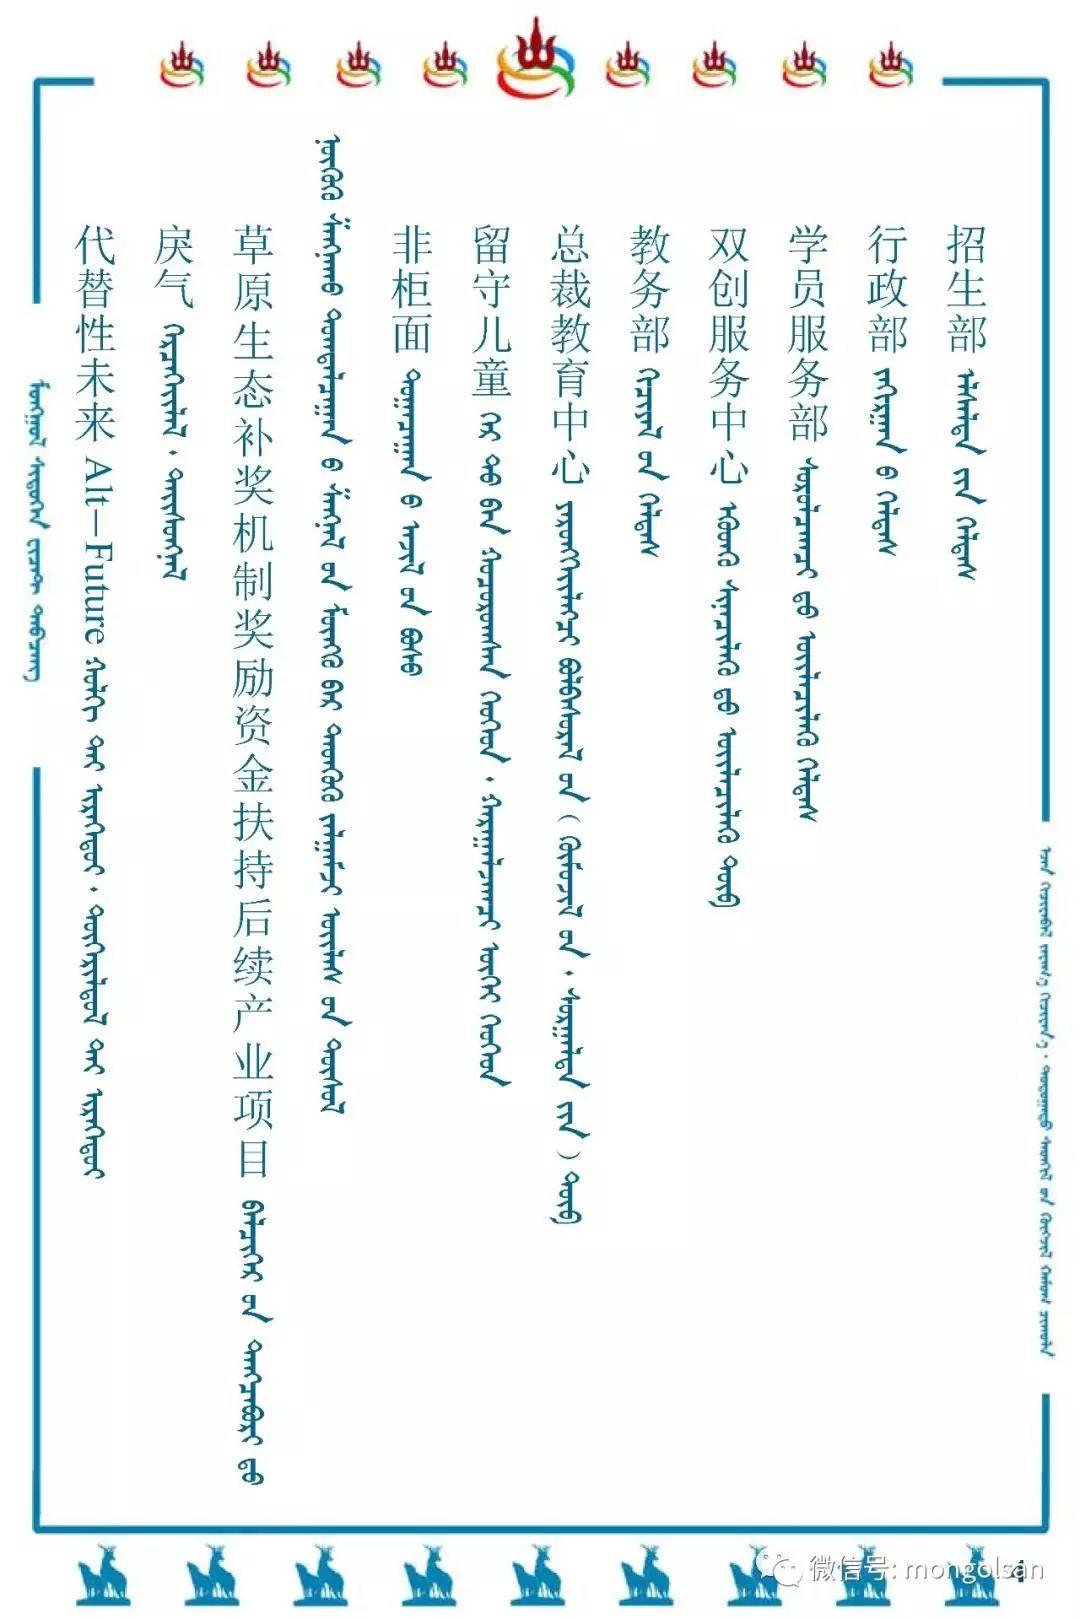 最新名词蒙古语翻译参考 第4张